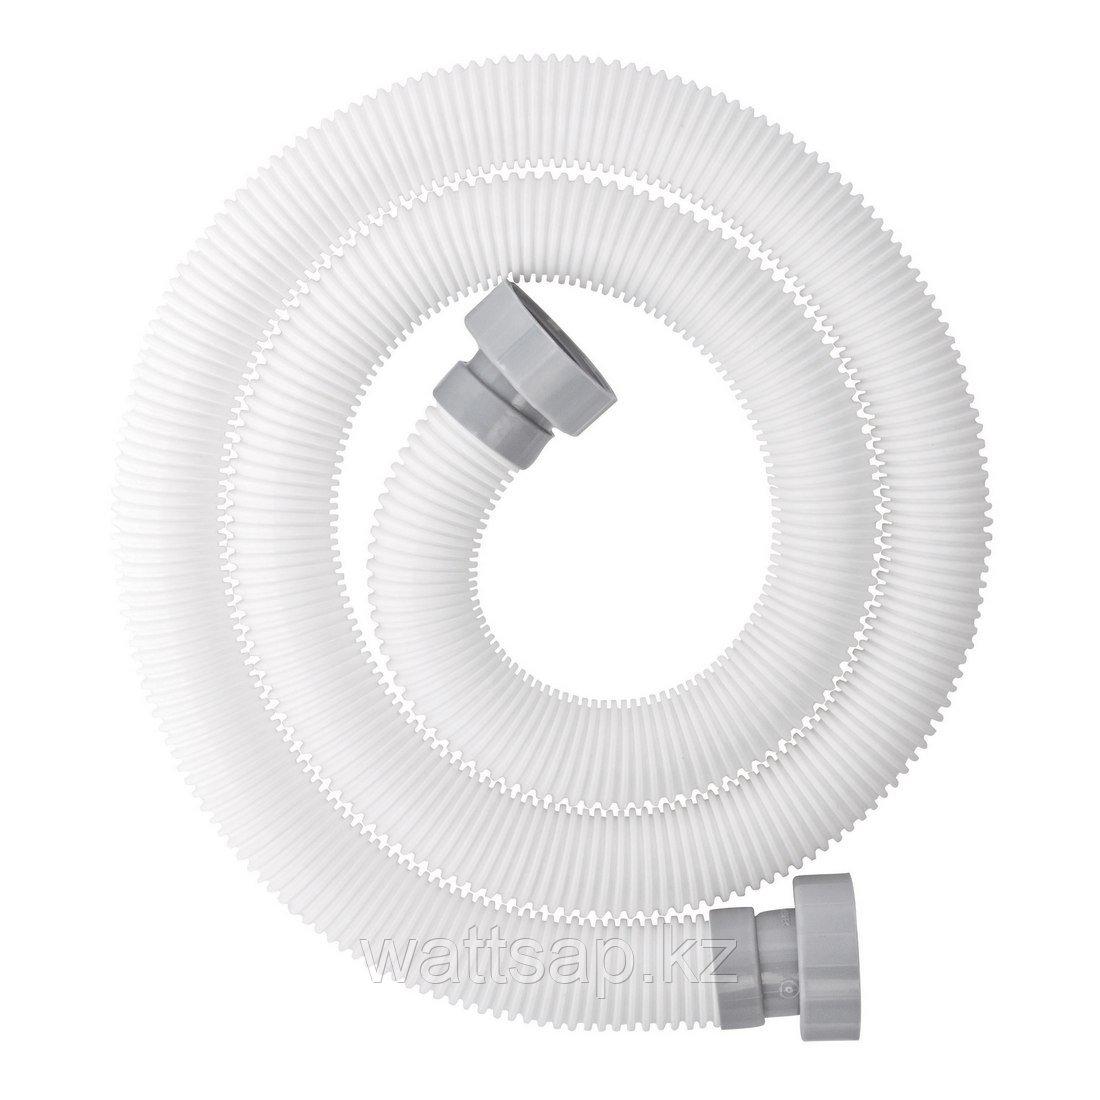 Шланг для фильтр-насоса, BESTWAY, 58246, Диаметр 32 мм, Длина 2 метра, Серый, Цветная коробка